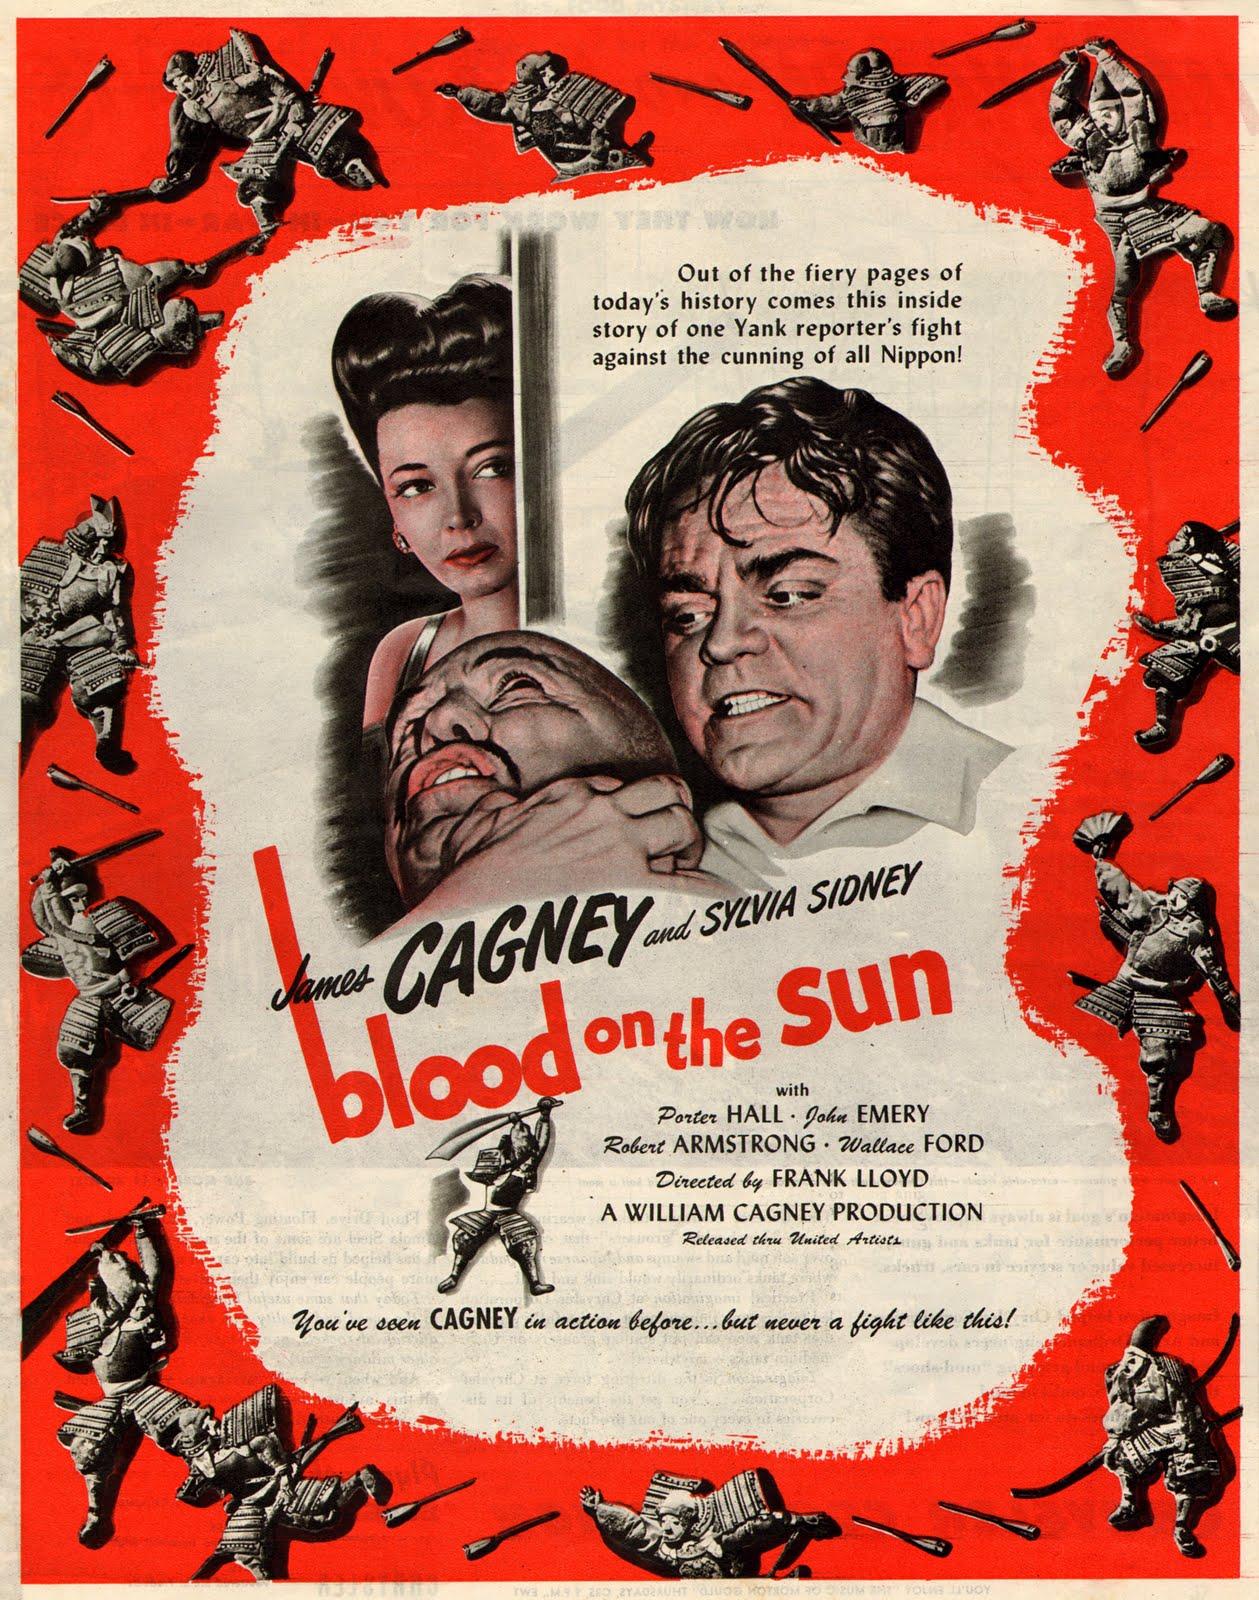 Blood on the Sun movie